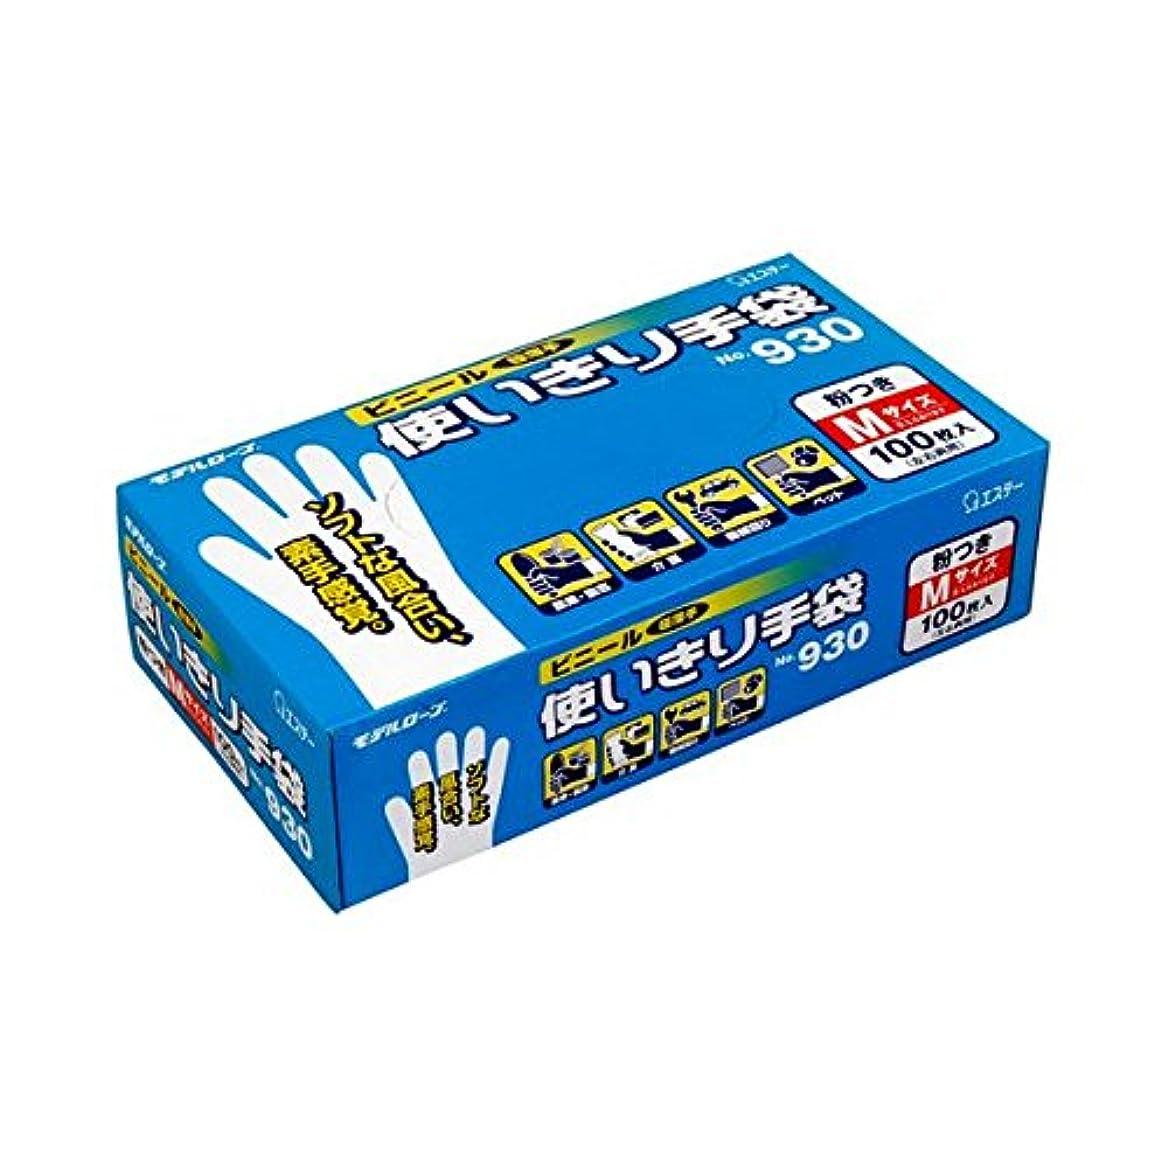 エンドテーブルシダ勝者(まとめ) エステー No.930 ビニール使いきり手袋(粉付) M 1箱(100枚) 【×5セット】 ds-1580597